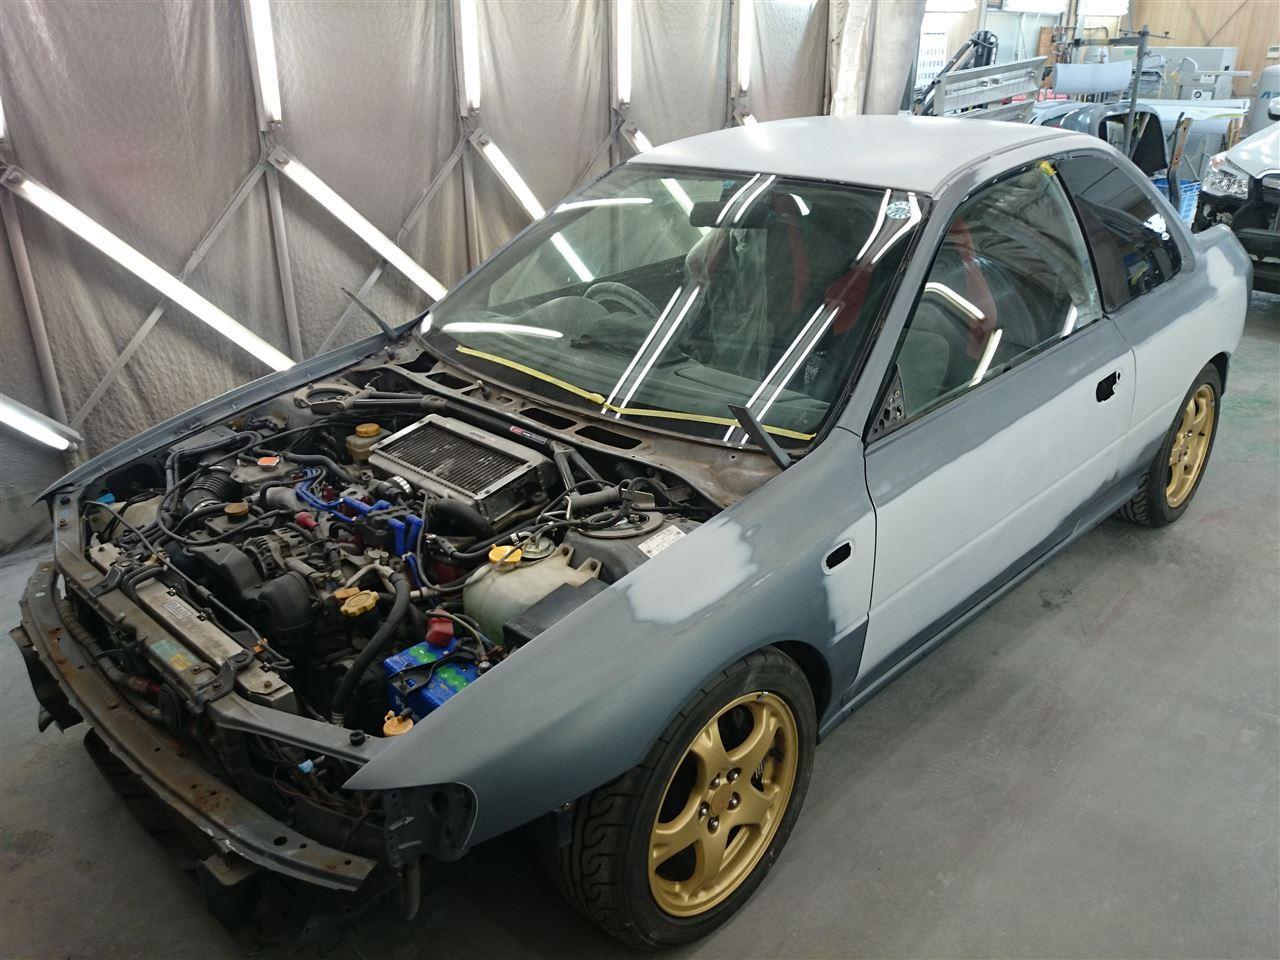 東京都立川市の車の板金塗装修理工場 ガレージローライドのスバル インプレッサ のオールペイント オールペン 全塗装 です。